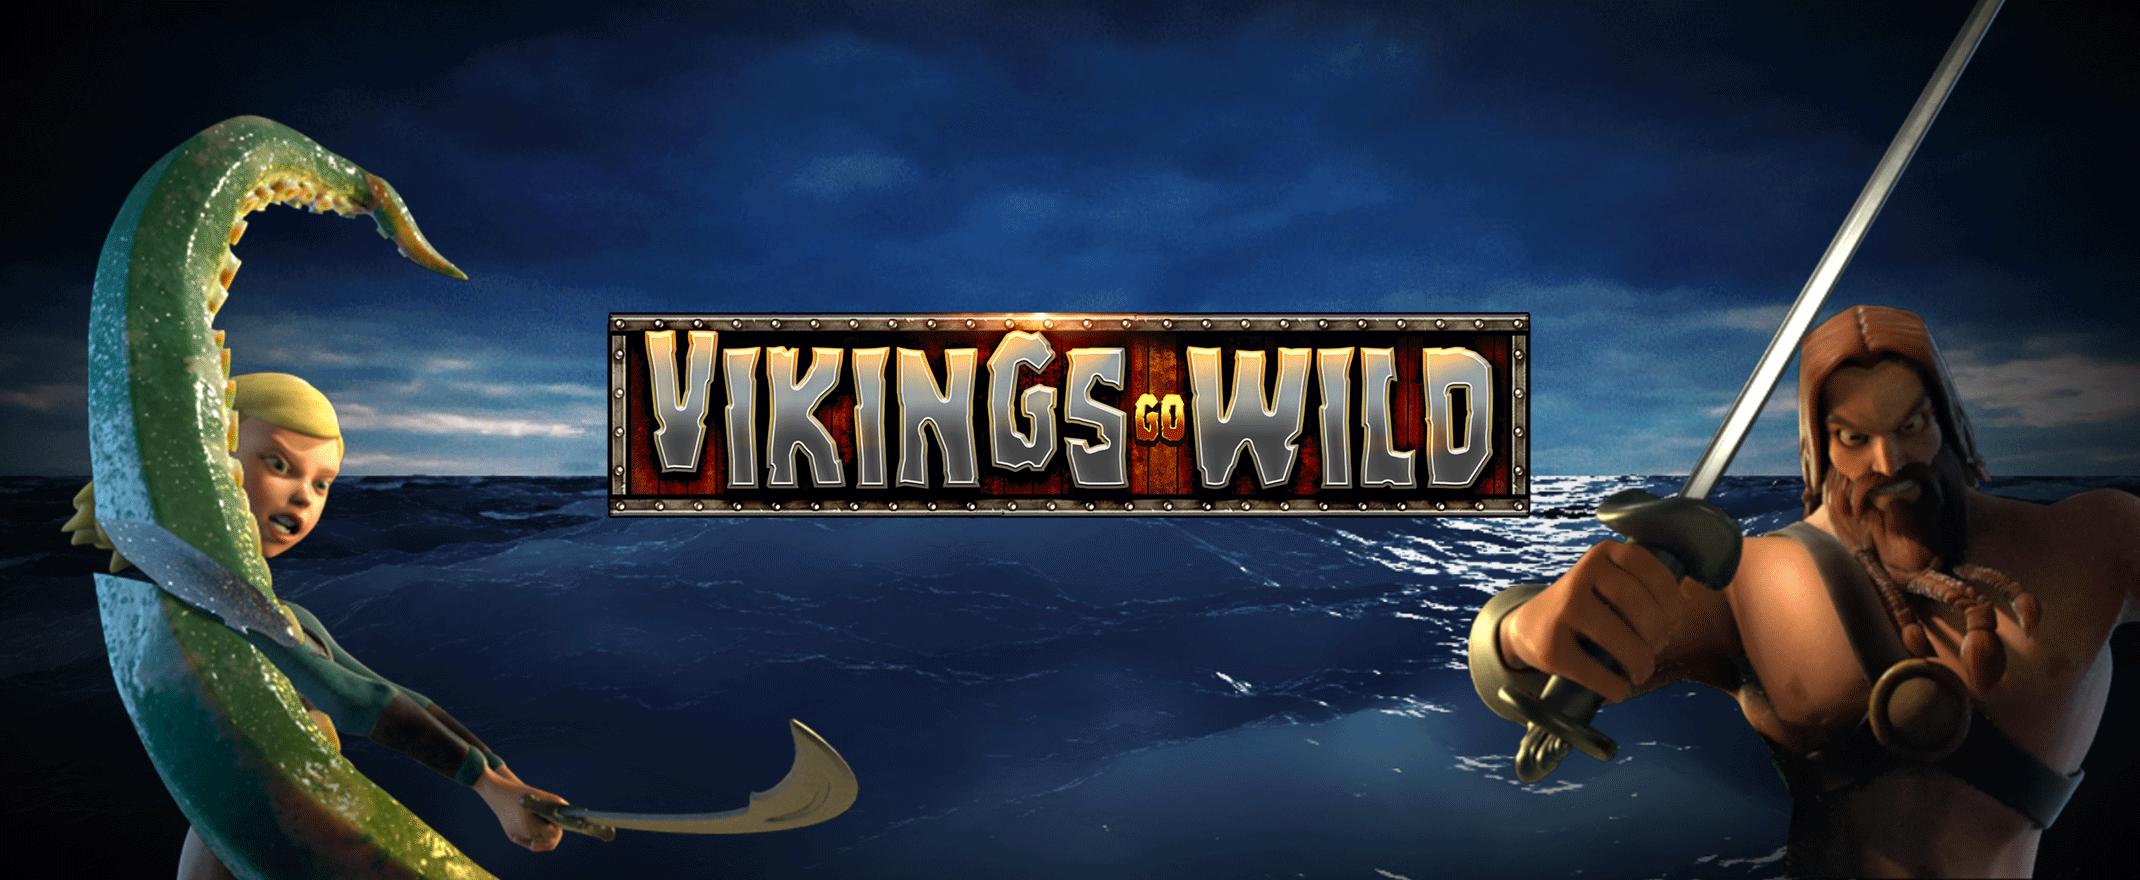 Vikings Go Wild slot logo